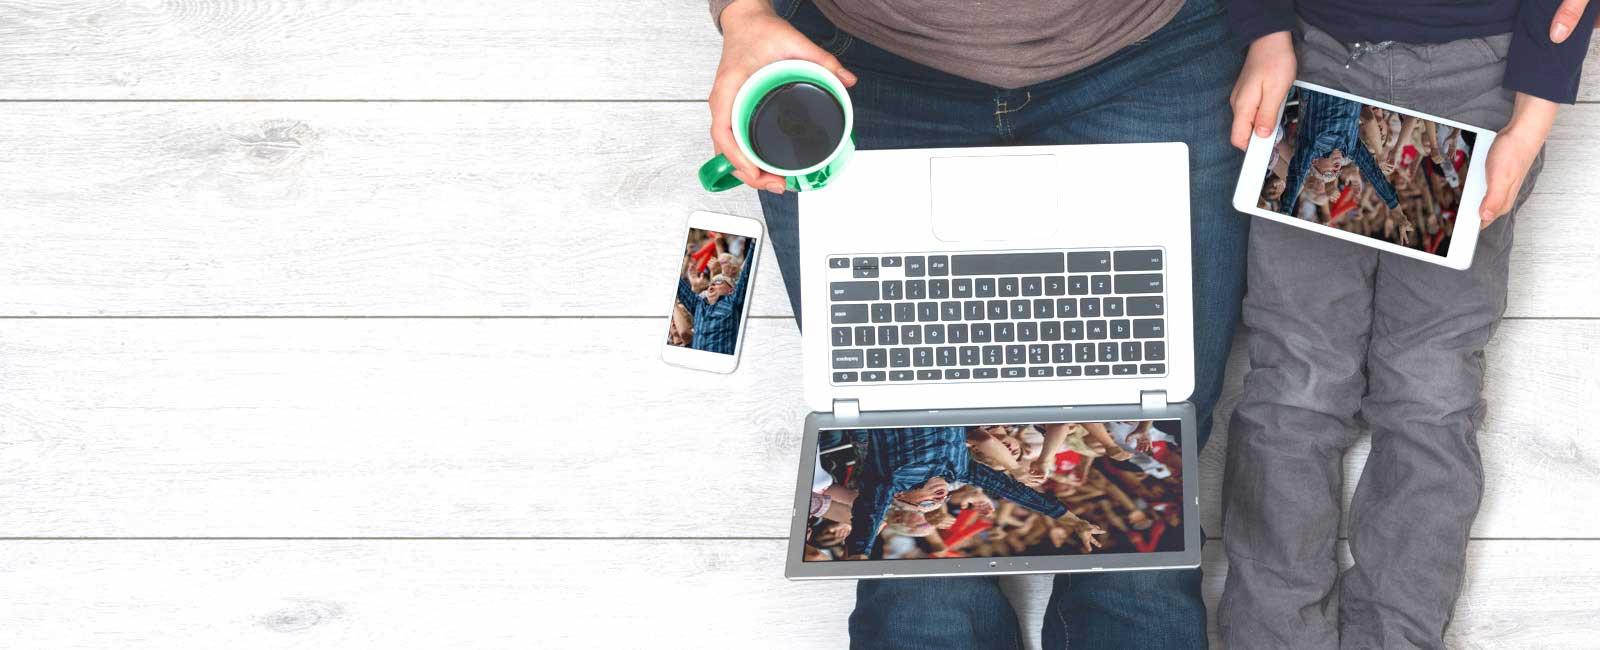 Hombre usando una laptop